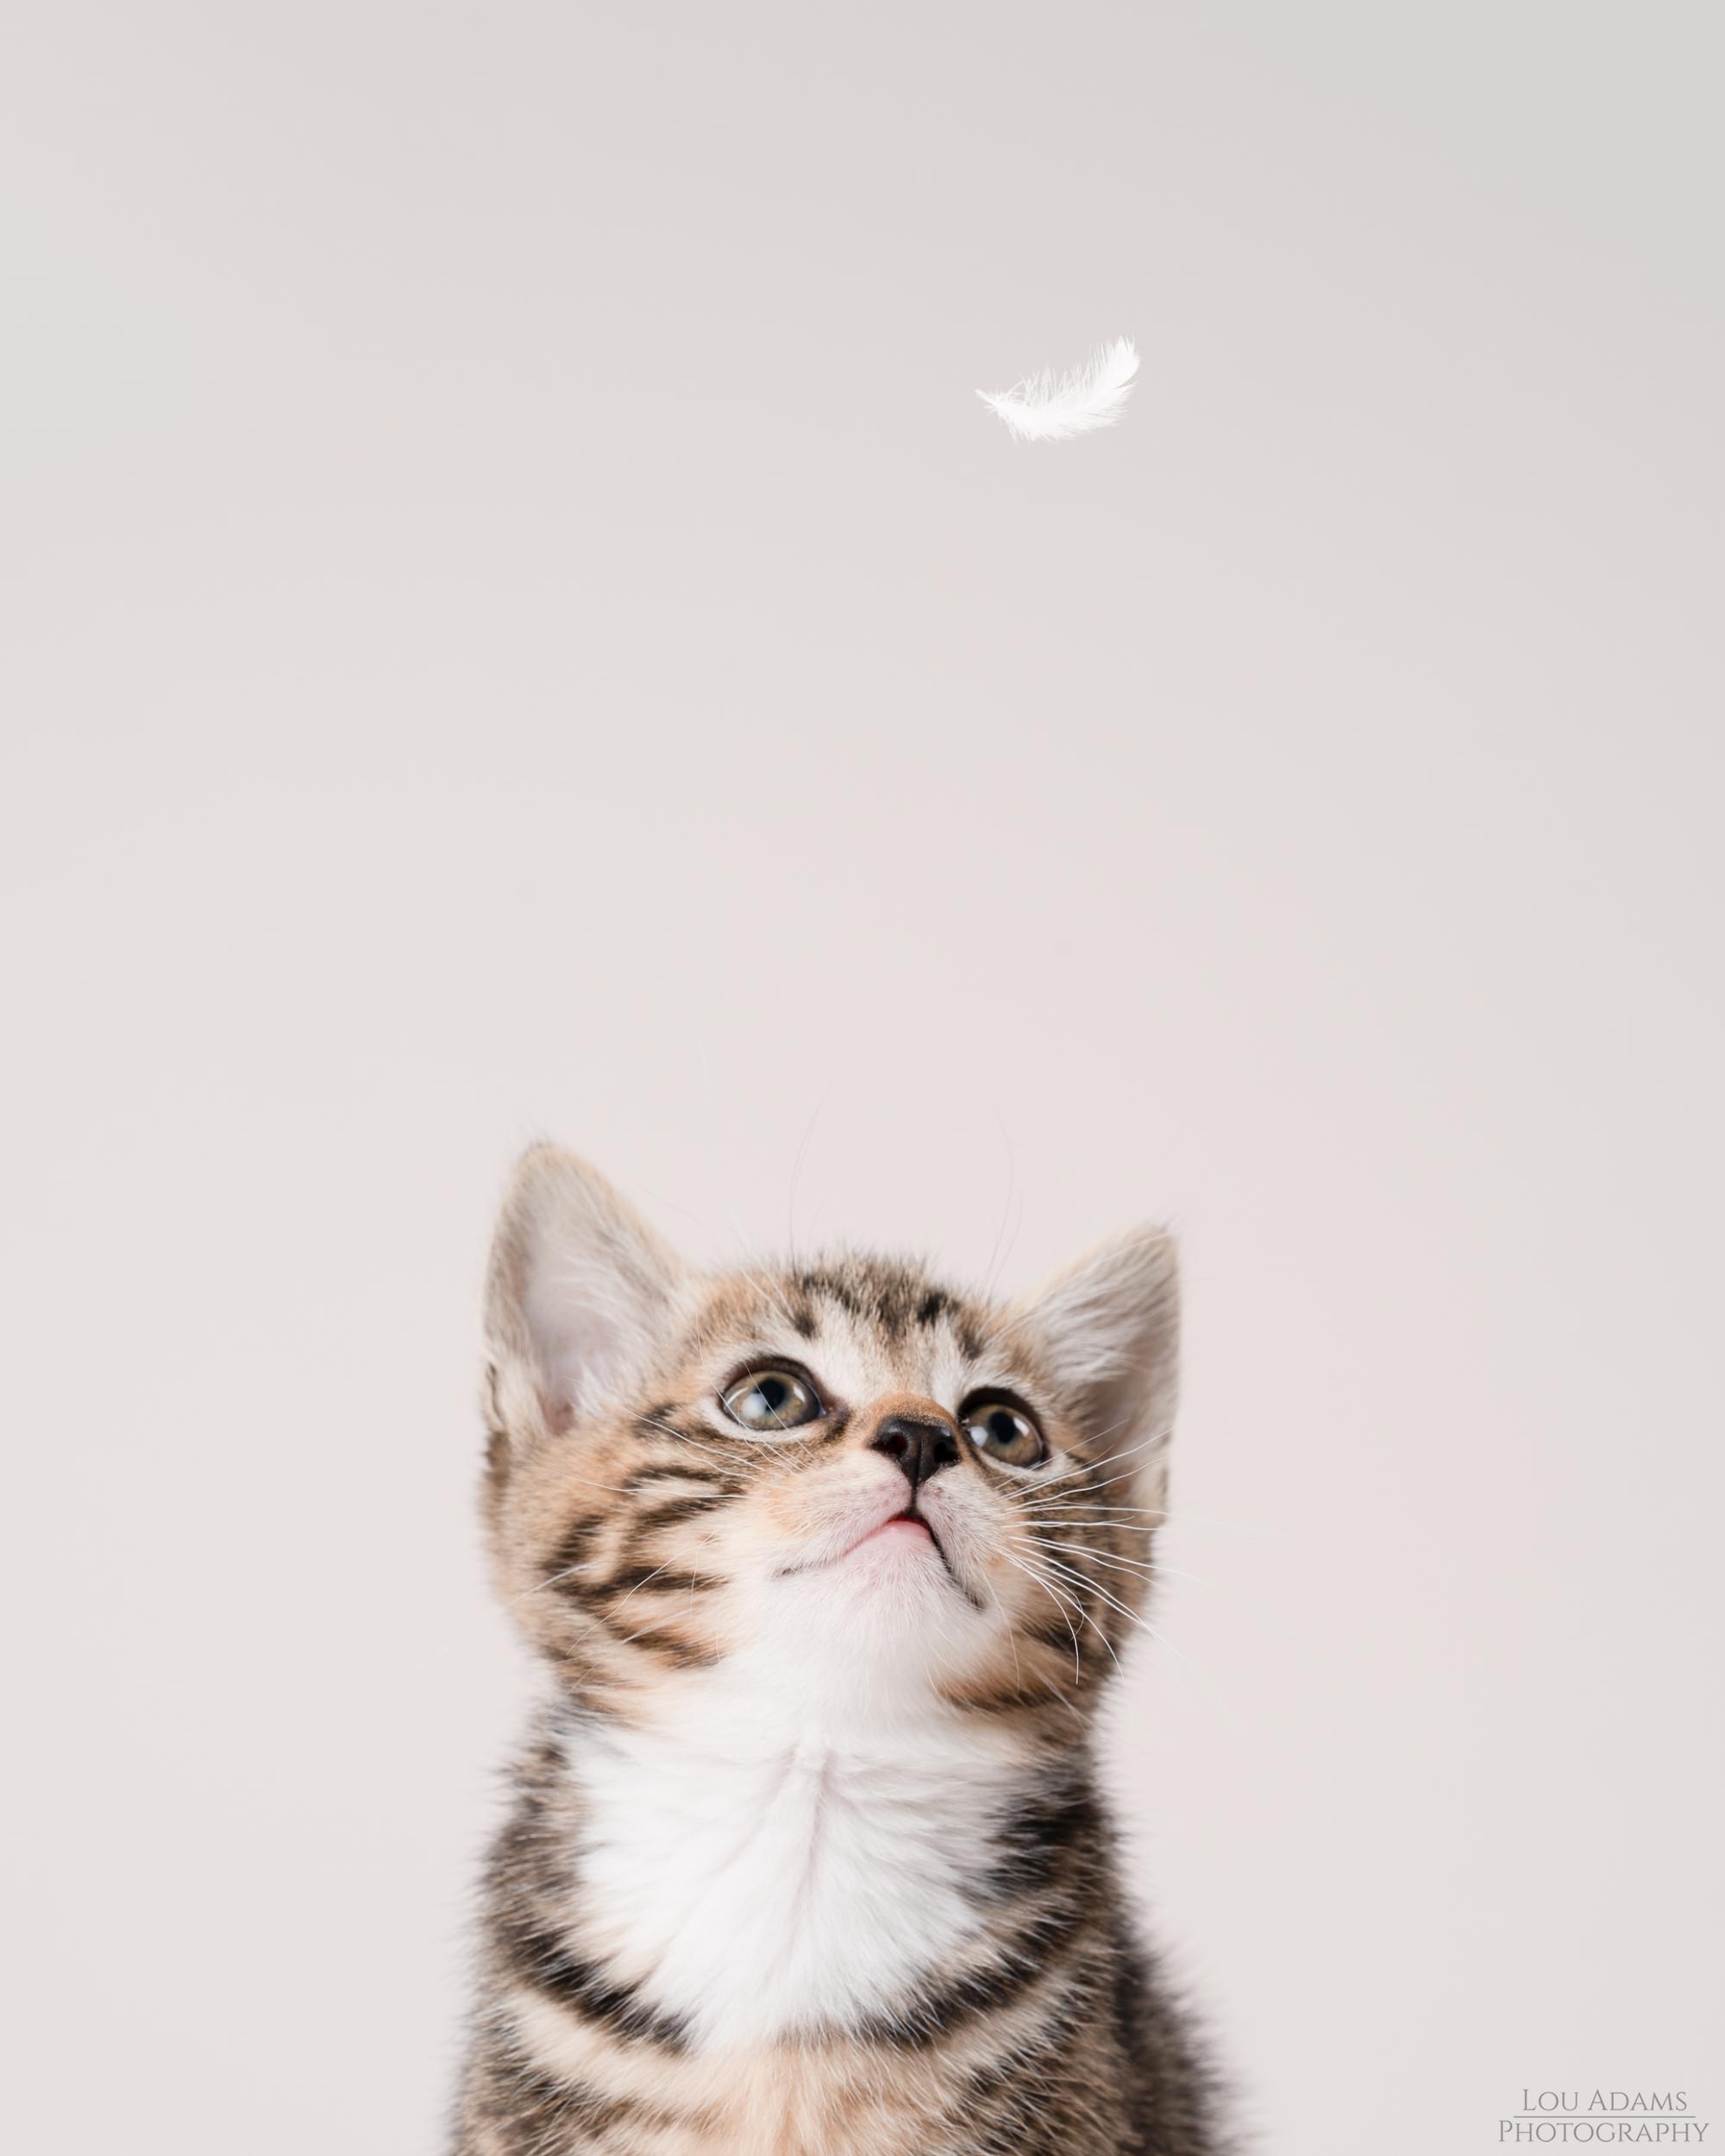 Lou Adams Photography cat